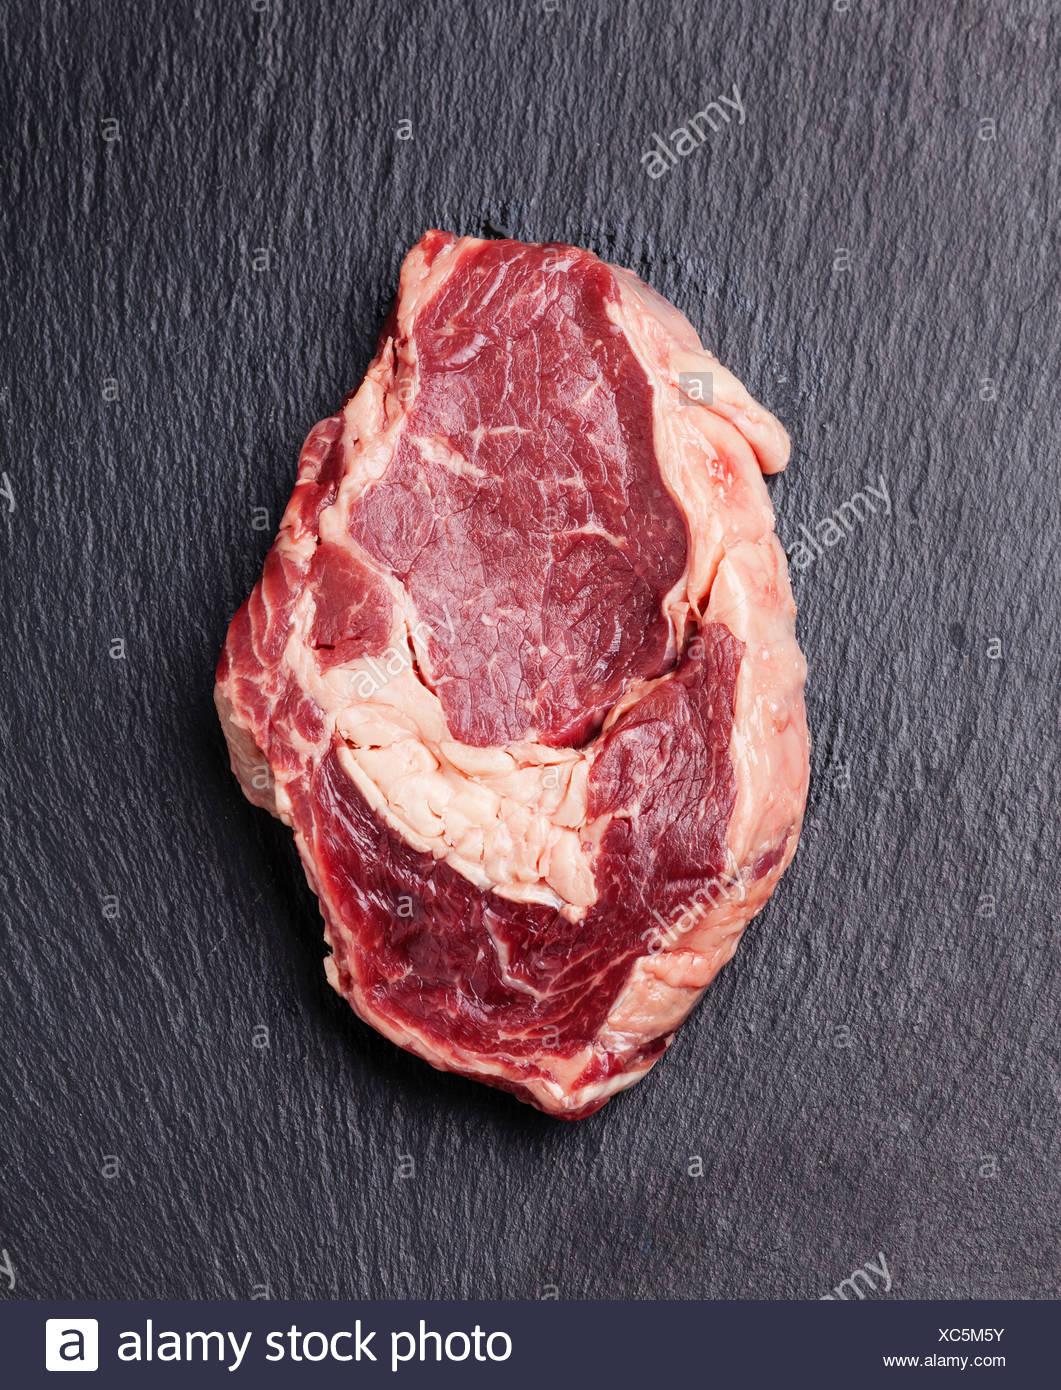 Rohes Frischfleisch auf dunklem Hintergrund Stockbild